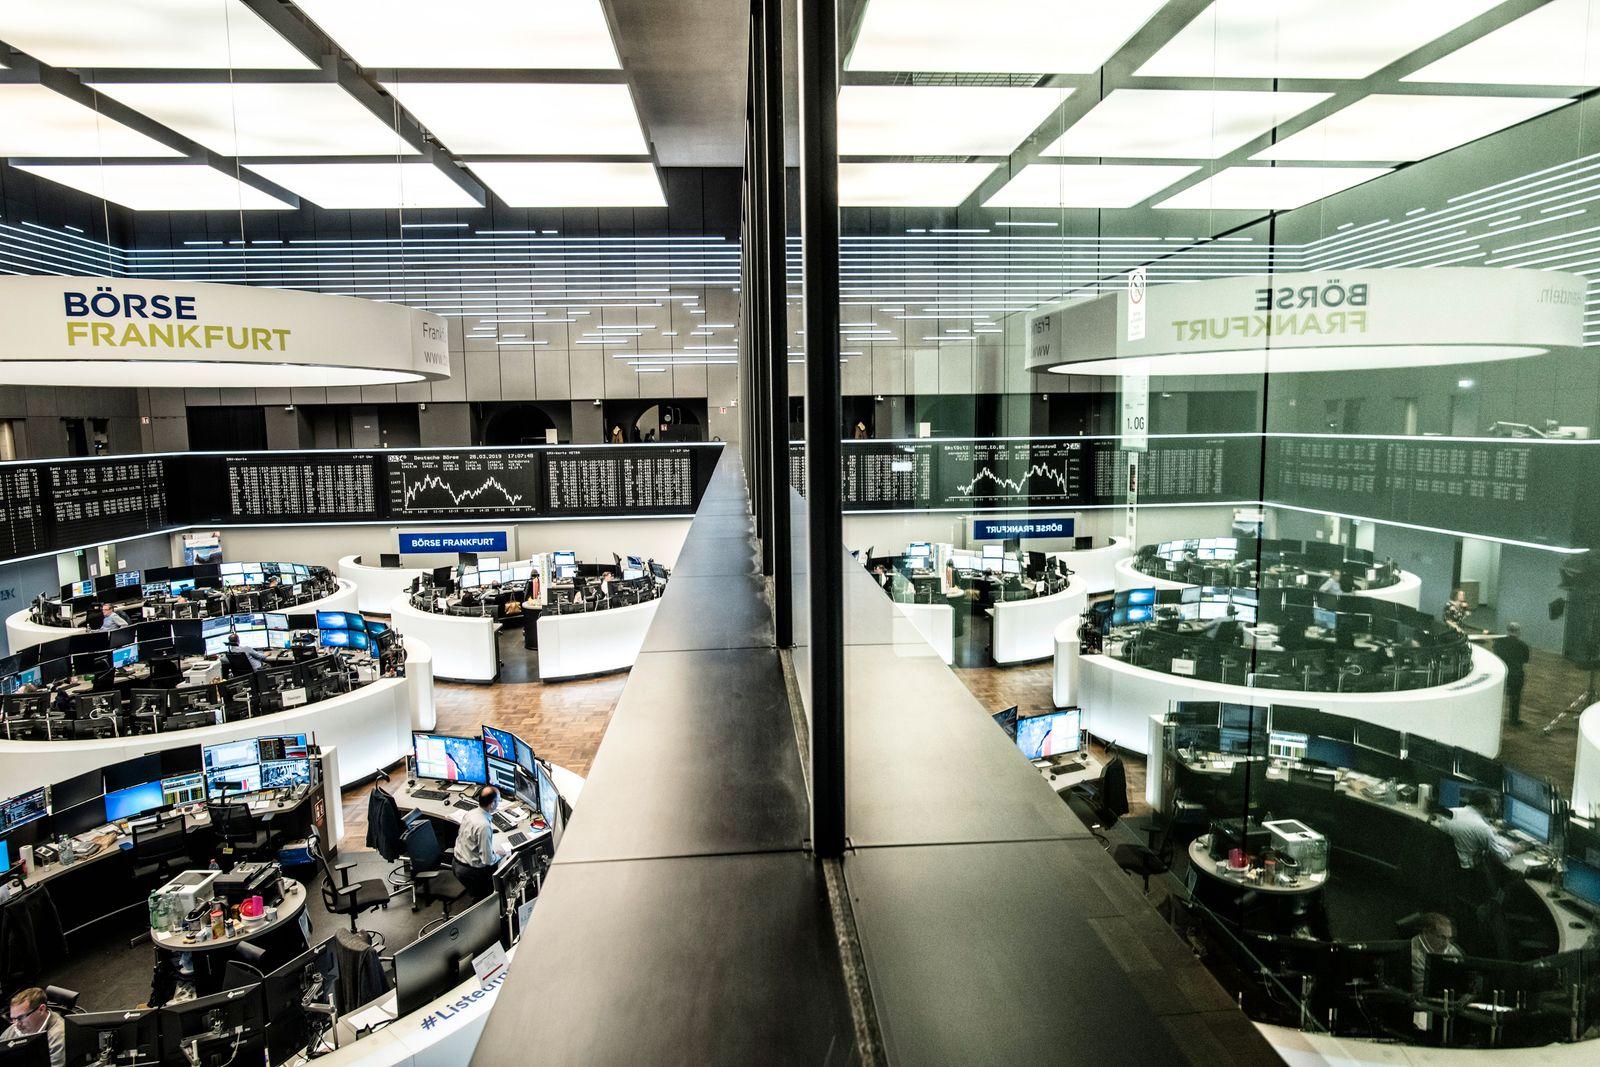 Handelsraum Deutsche Boerse AG